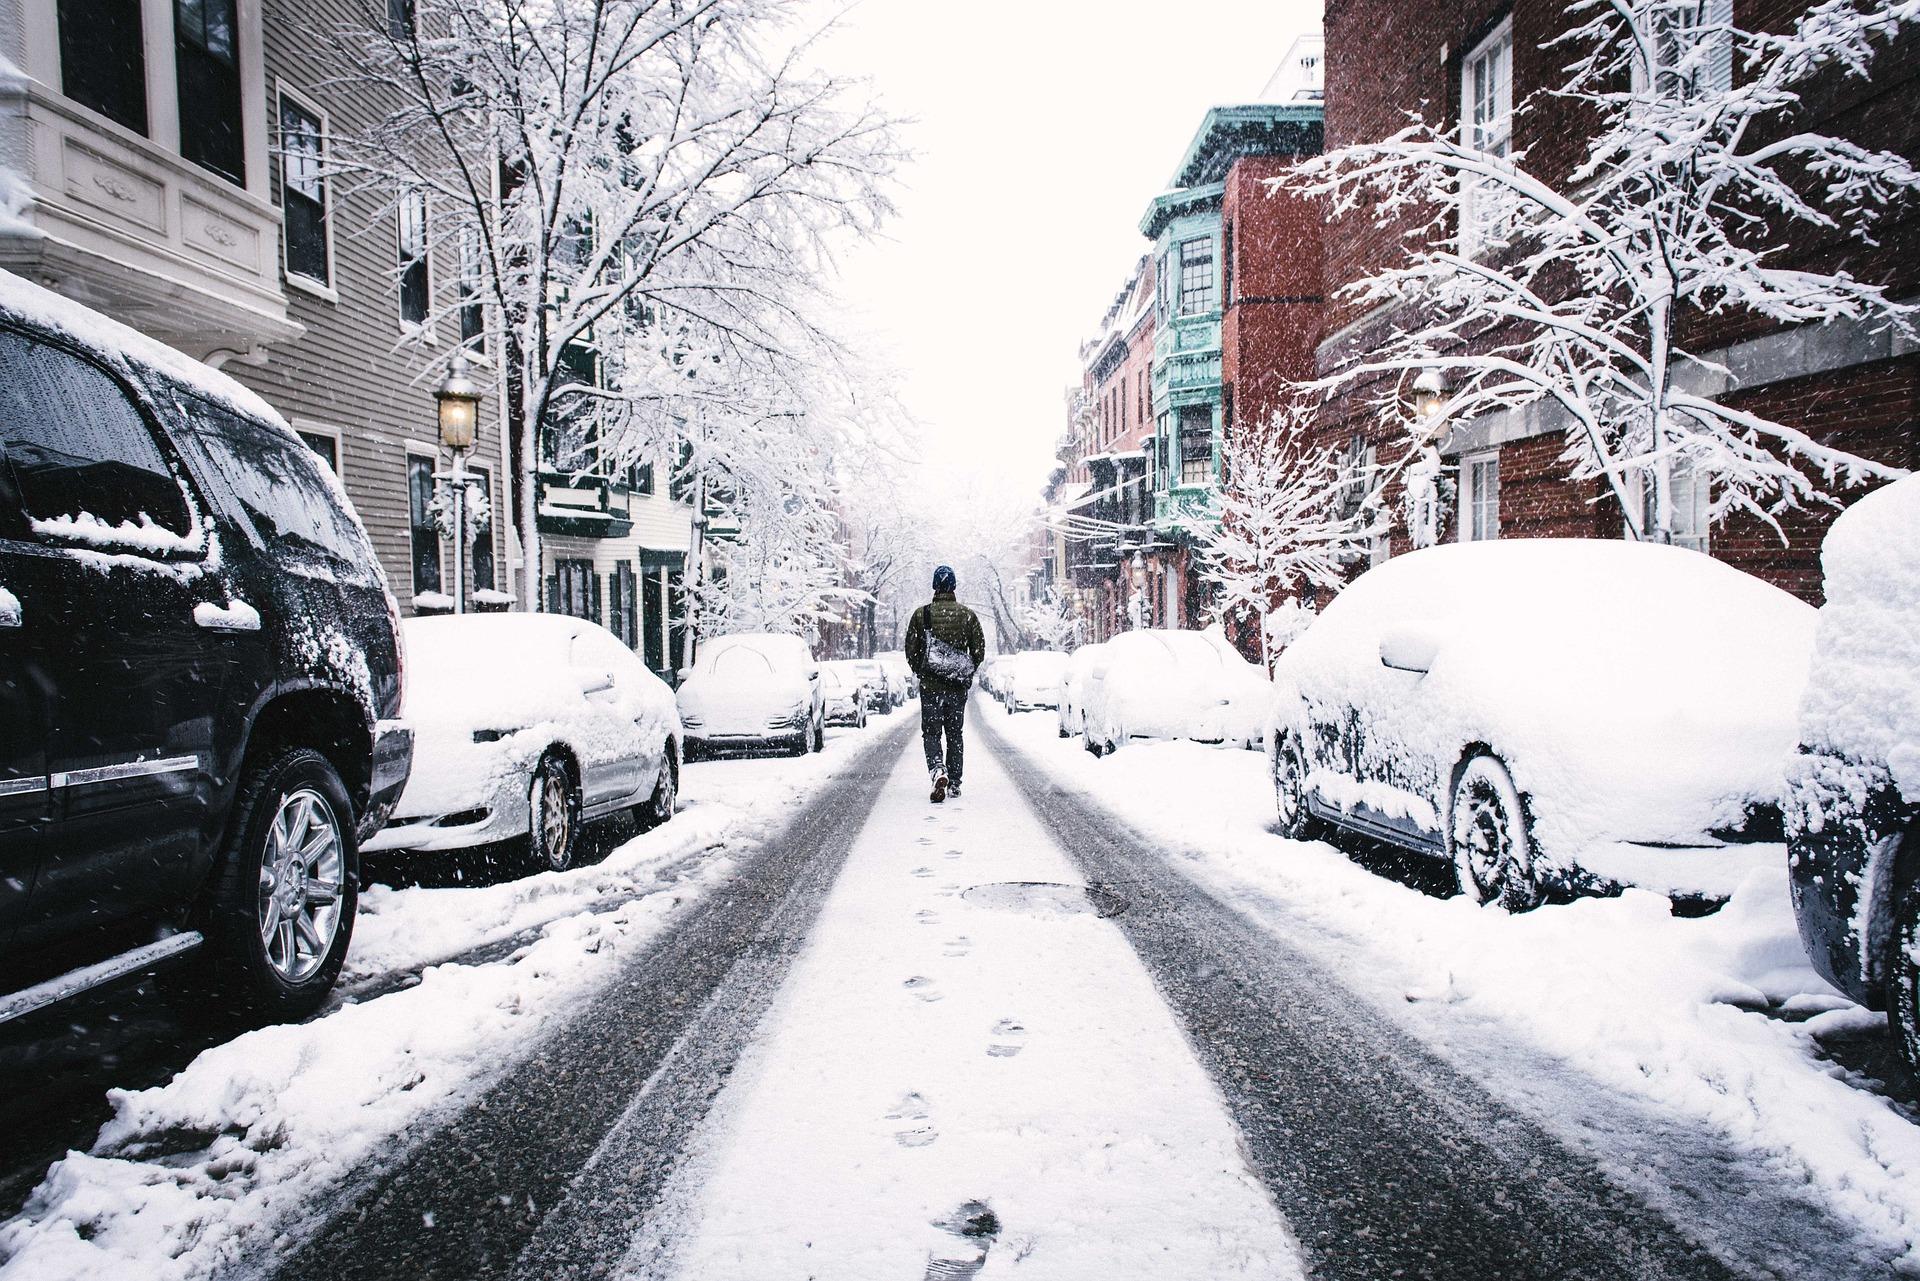 Welche Pflichten haben Eigentümerinnen und Eigentümer von Immobilien im Winter?